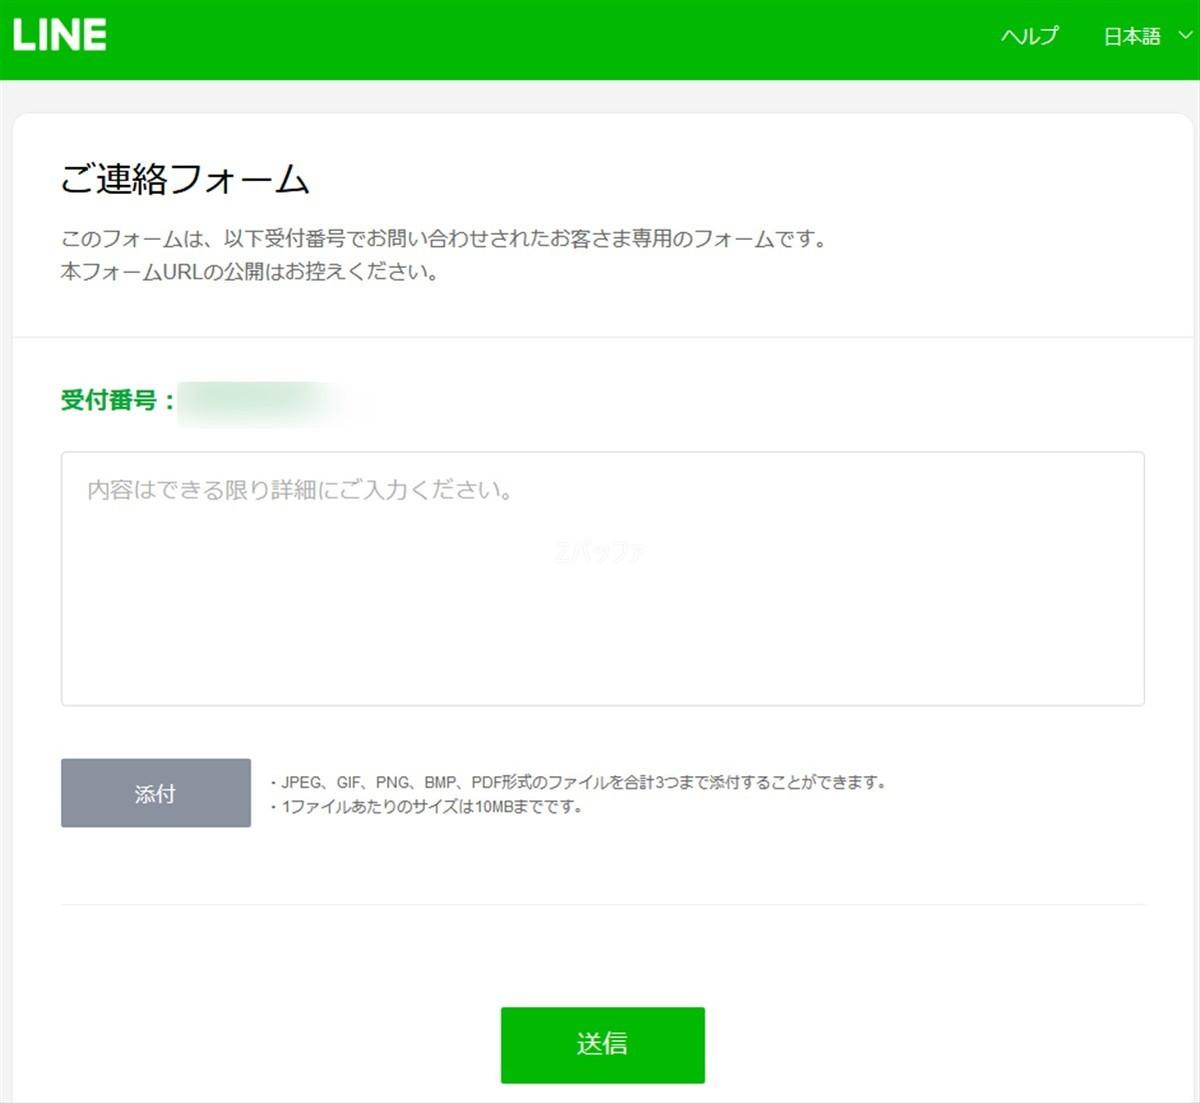 LINEの問い合わせに対して返信するフォーム